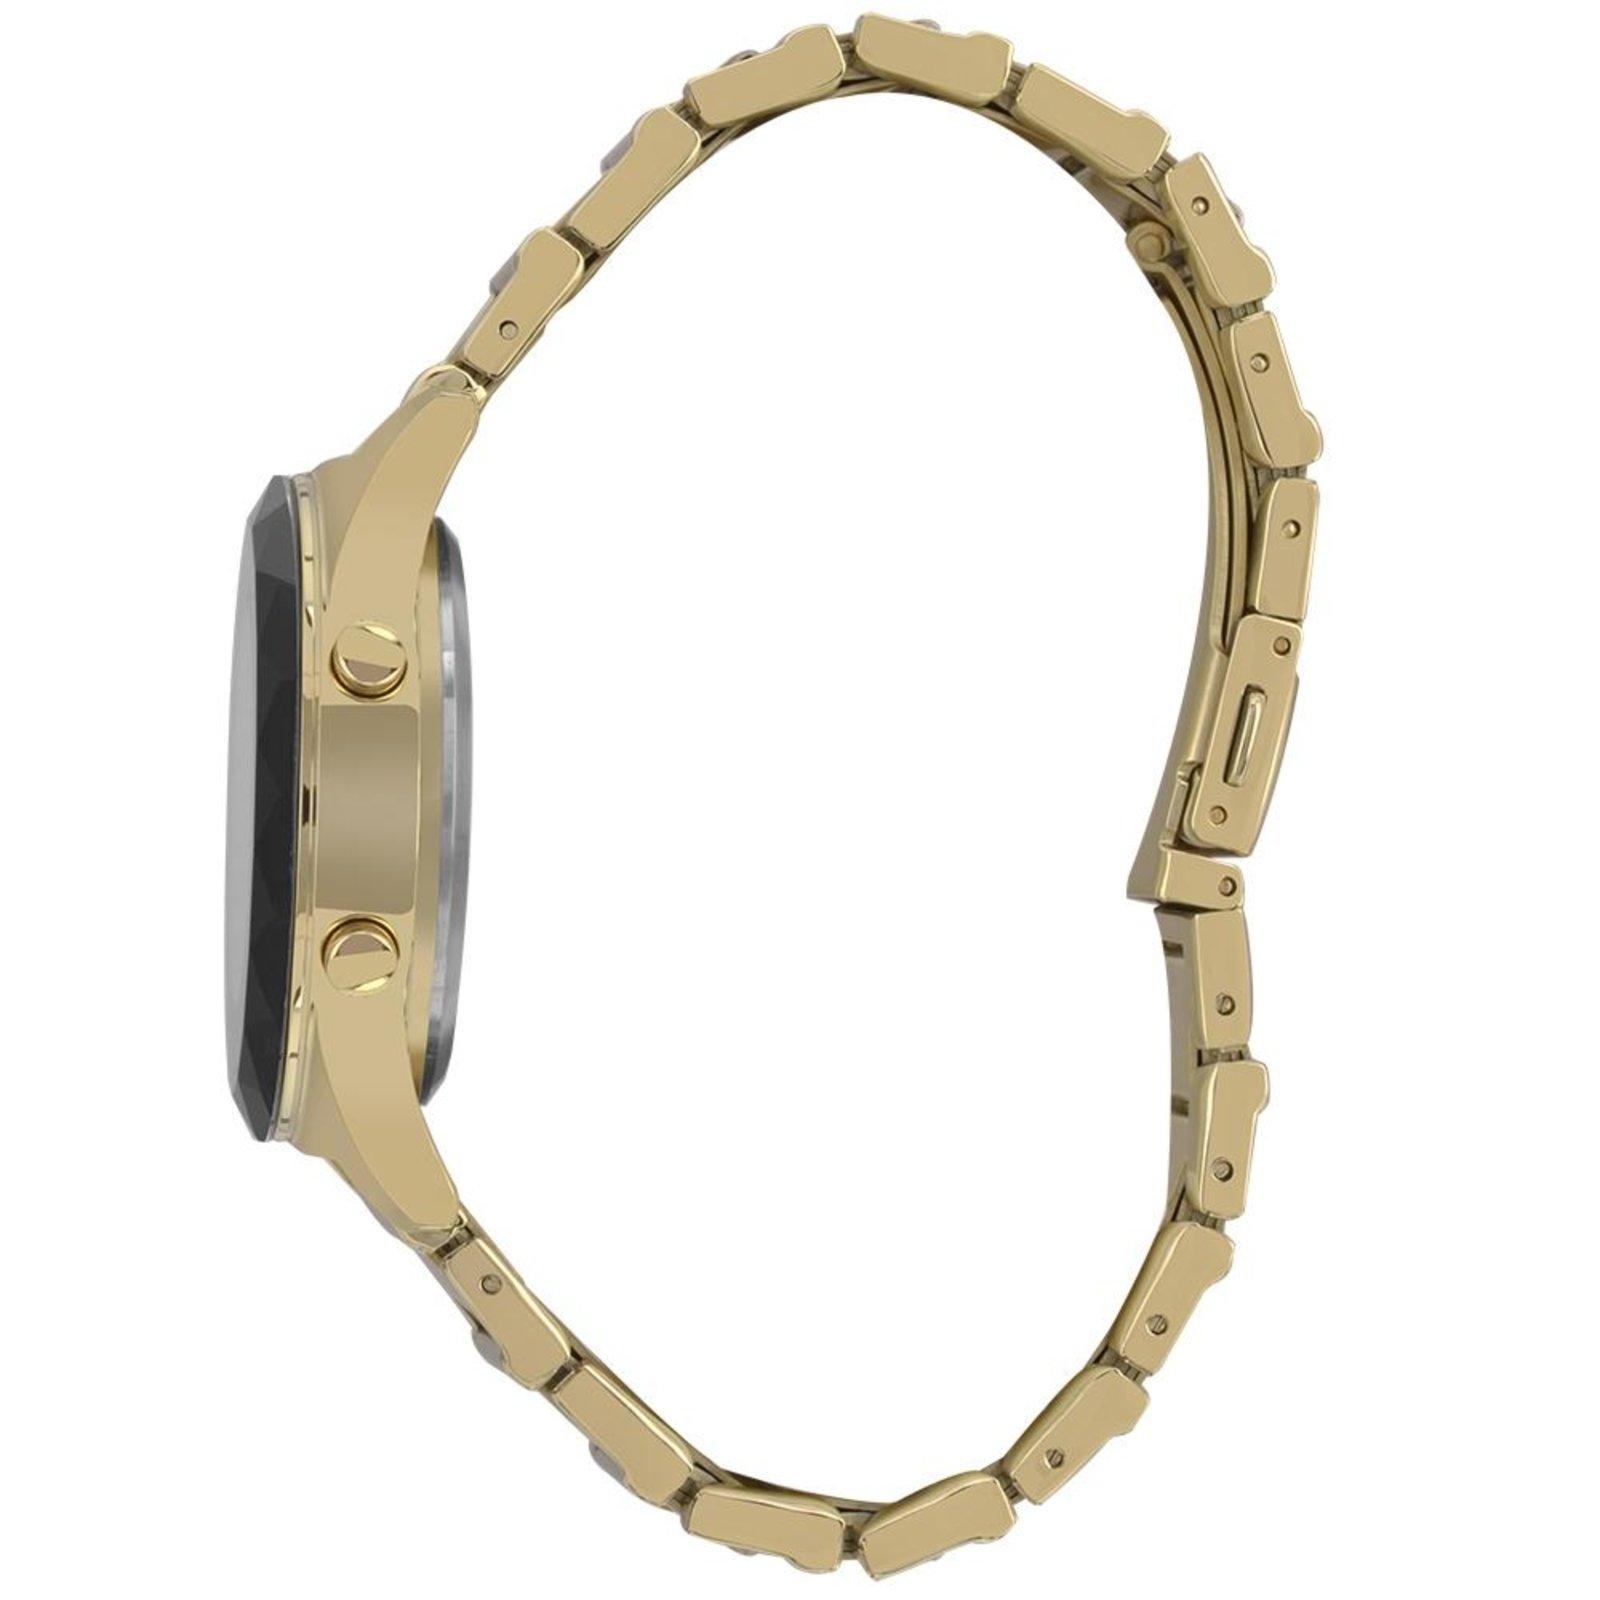 Relógio Technos Crystal Dourado BJ3851AB/4P - Compre Agora